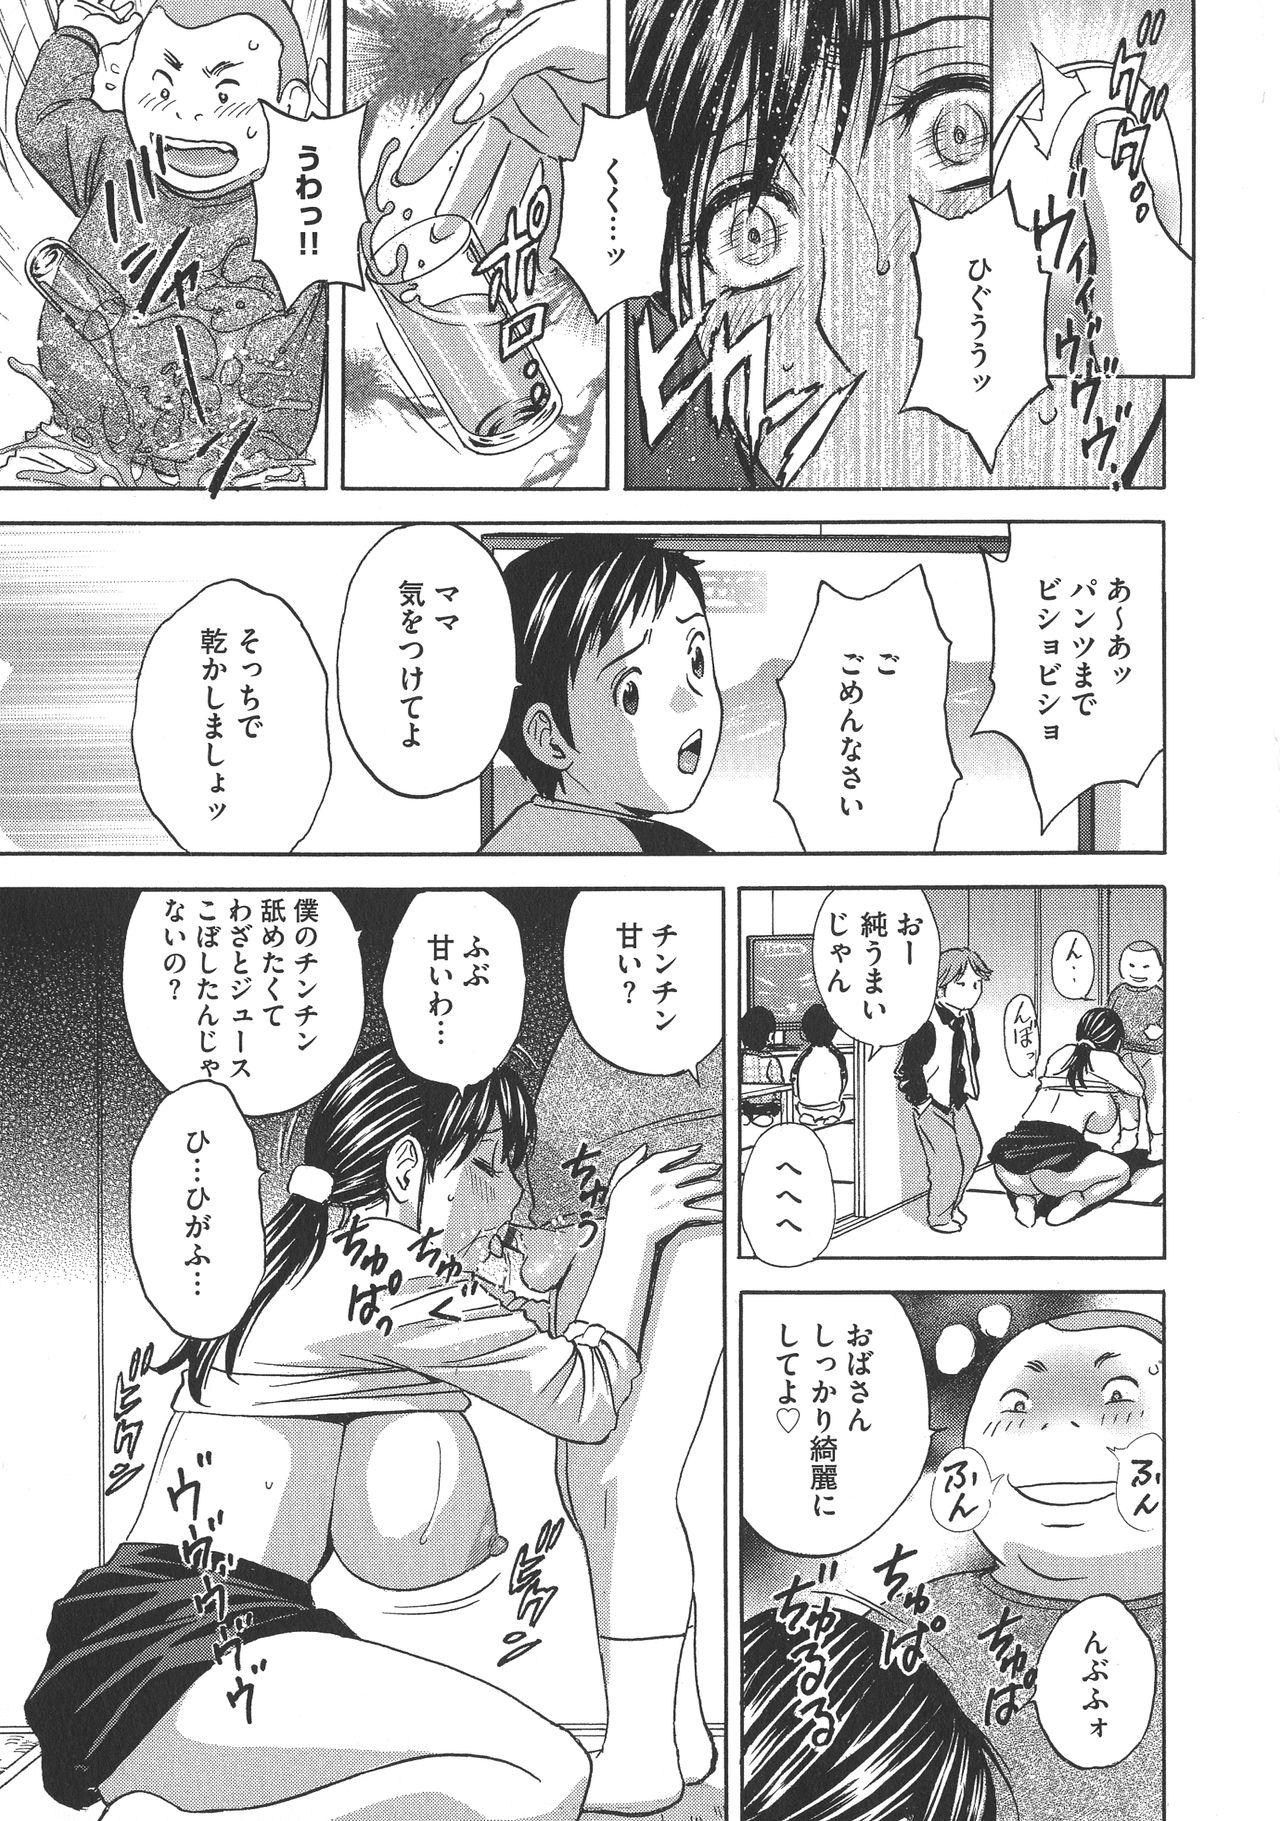 Chijoku ni Modaeru Haha no Chichi… 116